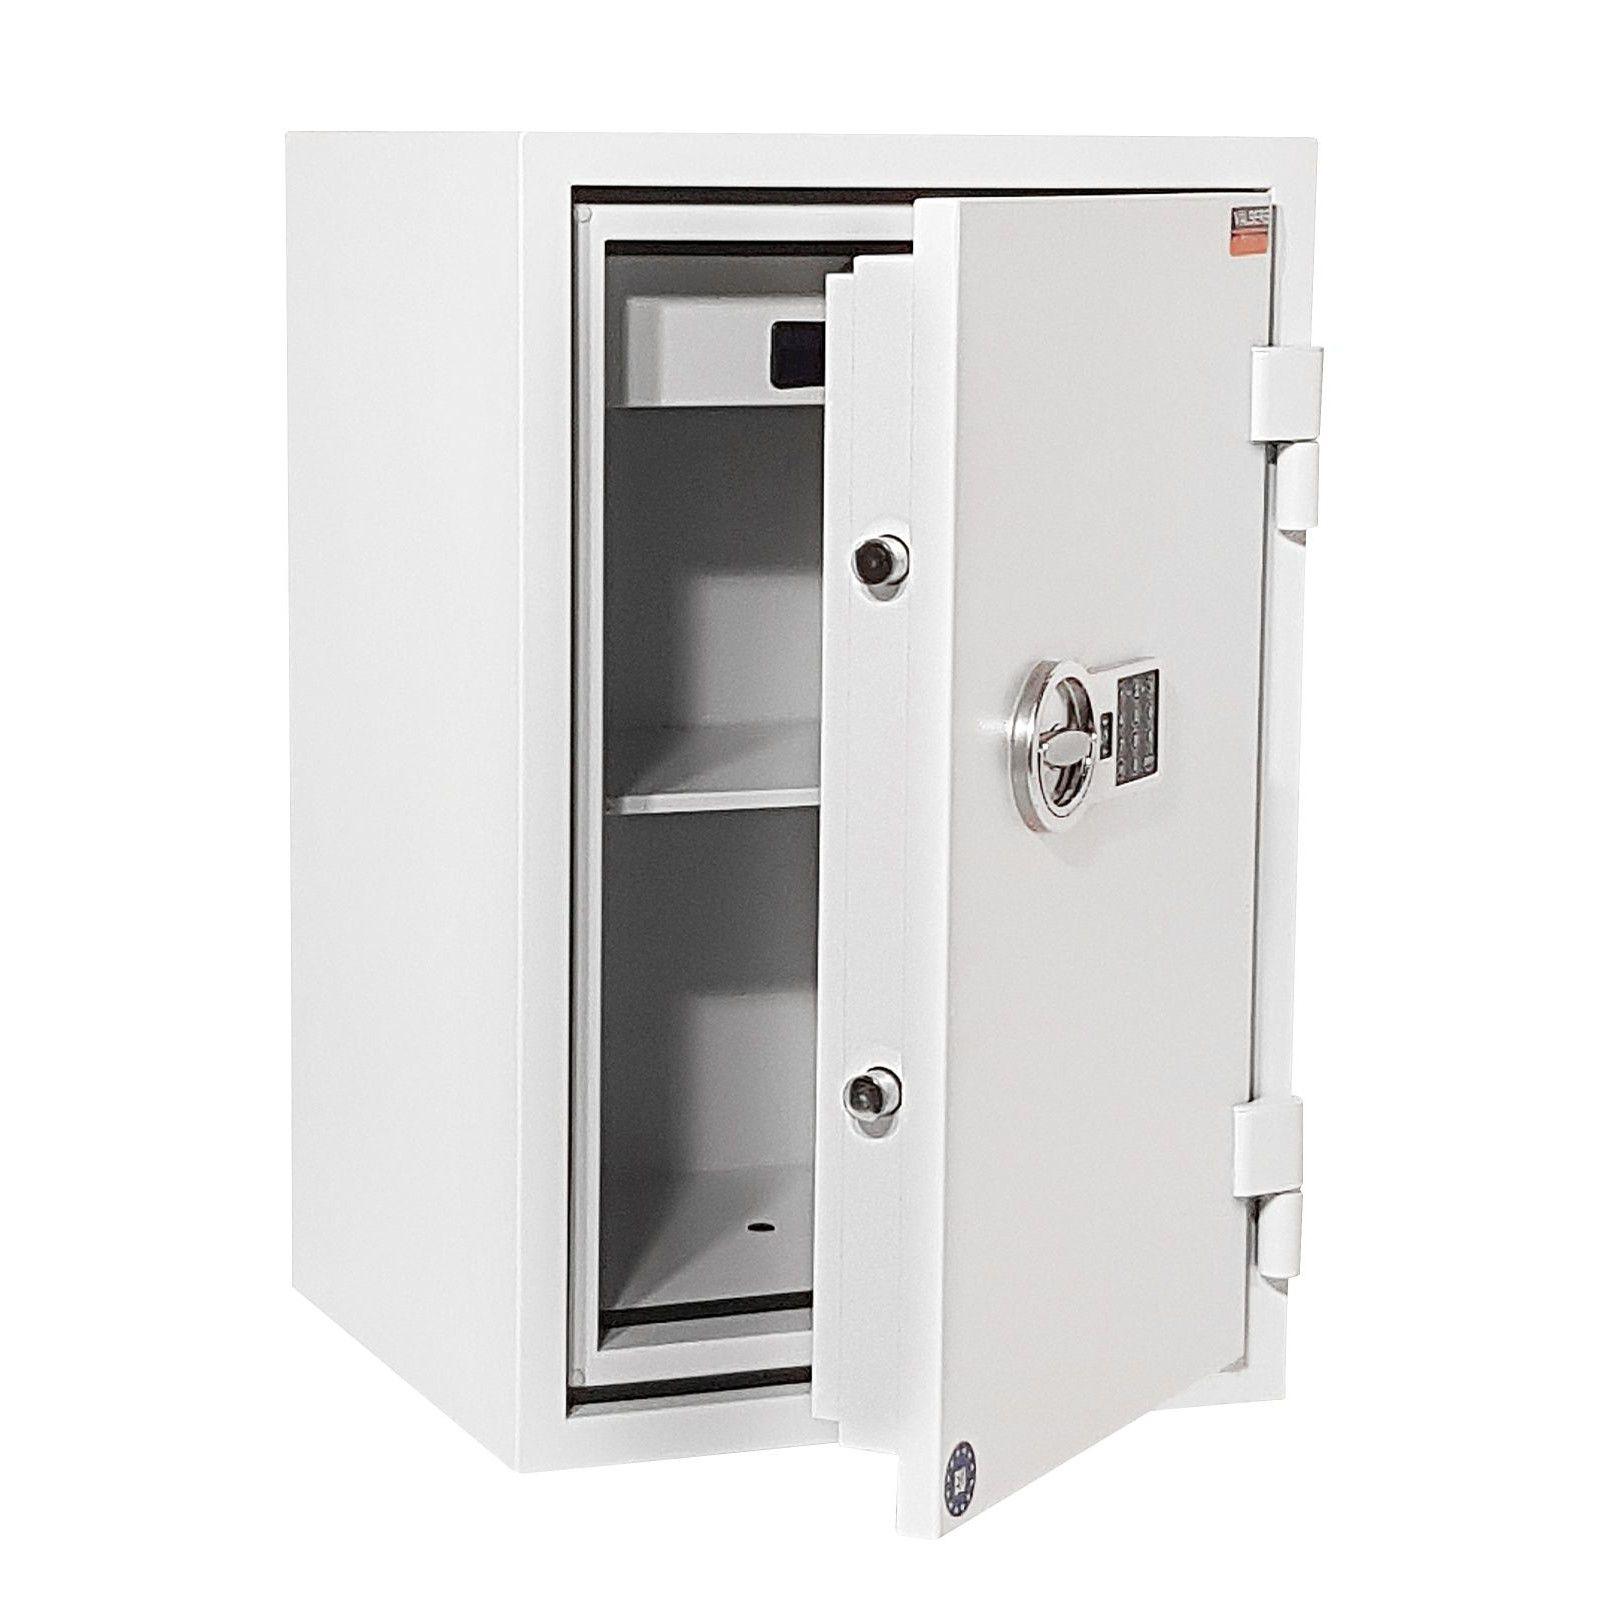 Valberg FRS 75 T-EL 1 Digital & 1 Keylock Fire Resistant Safe